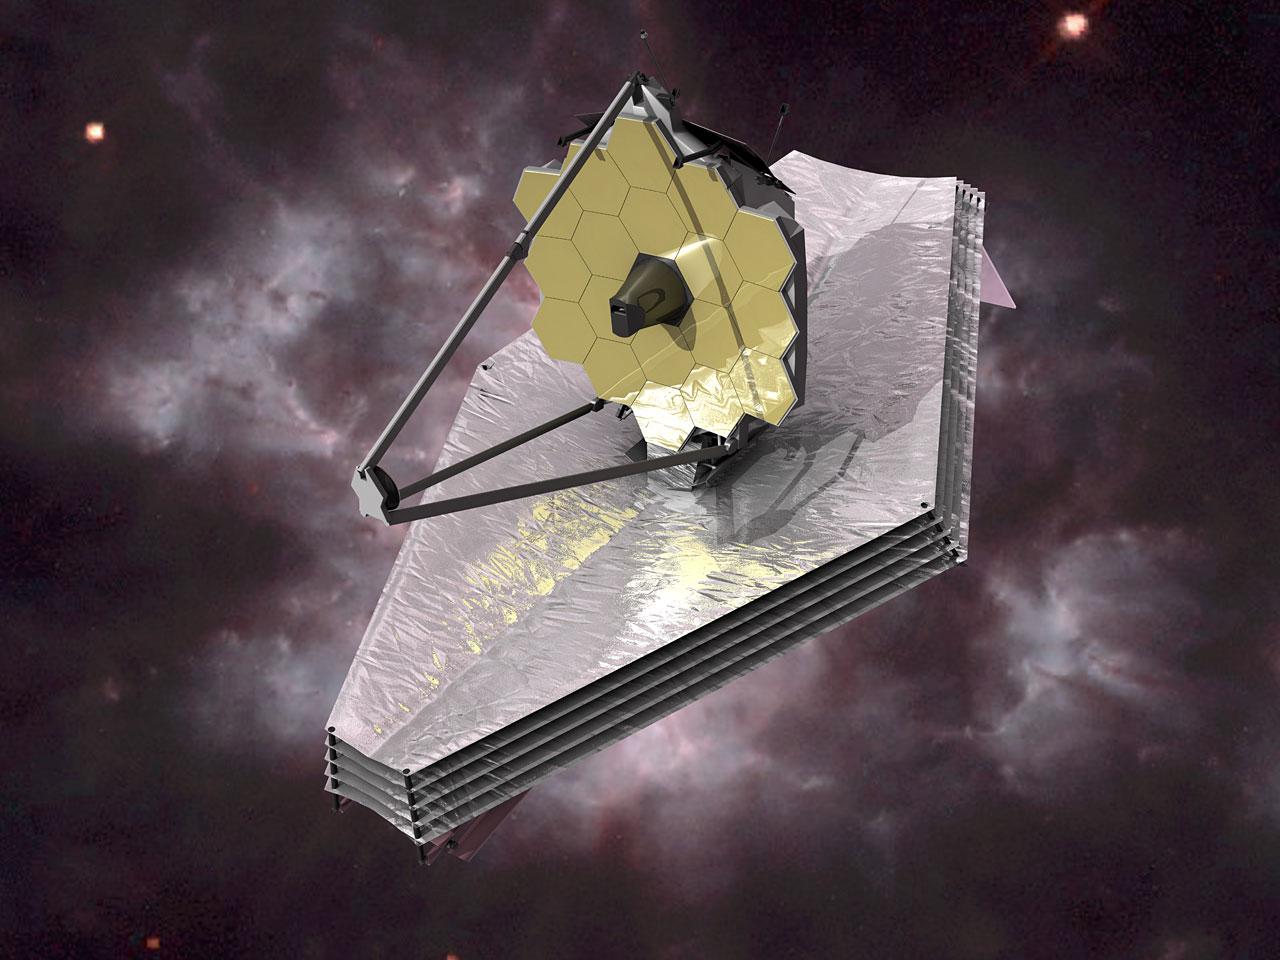 Les télescope spatial James Webb (JWST) en image de synthèse.